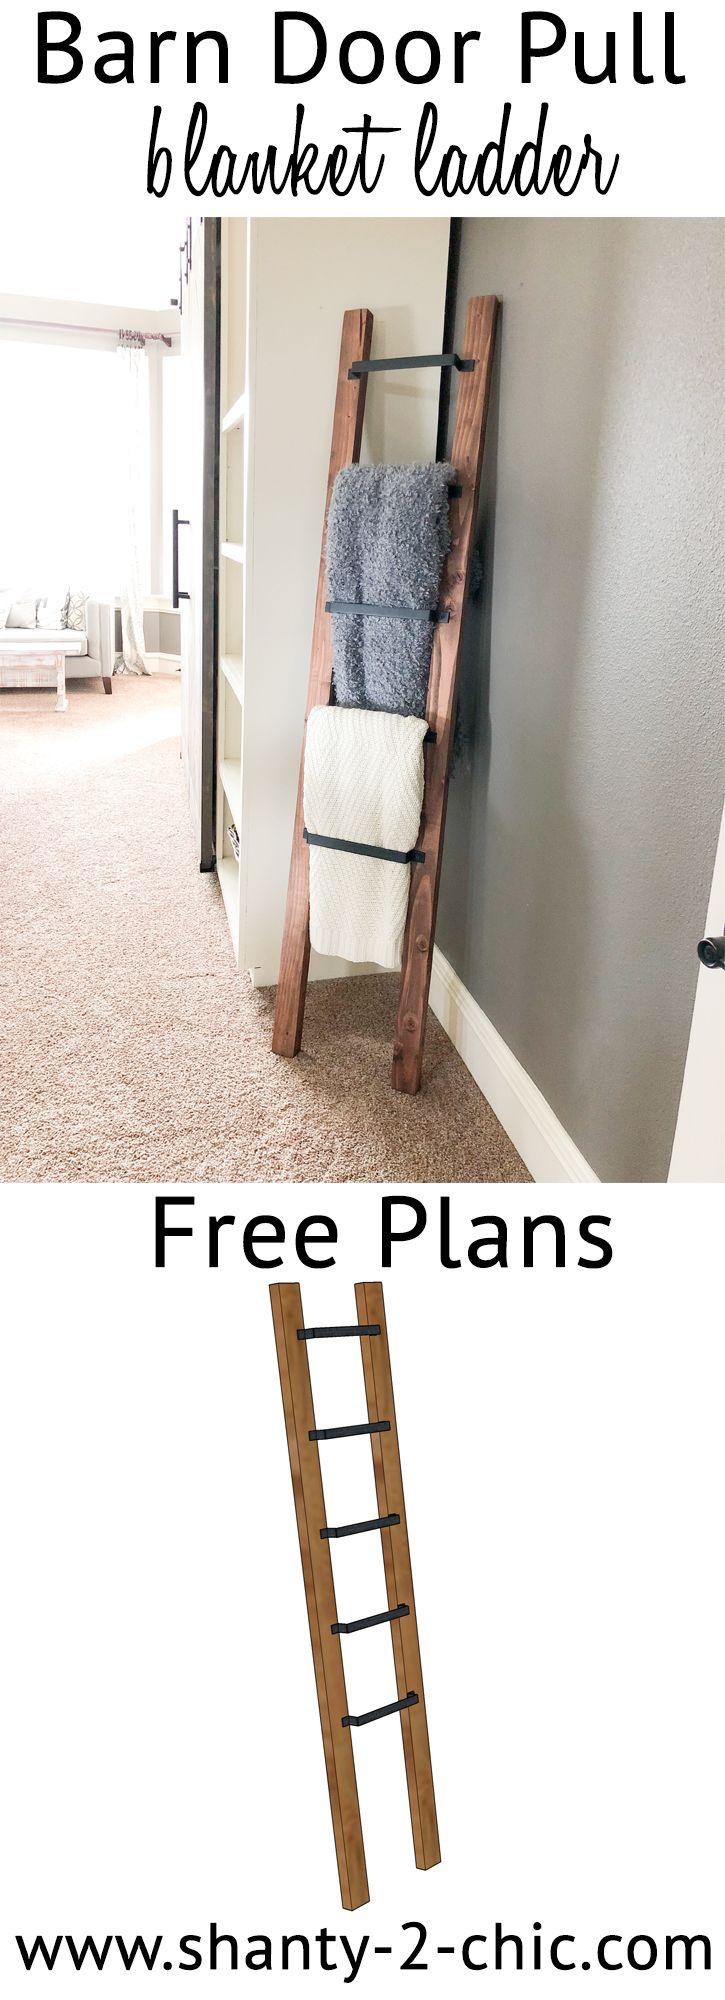 DIY Barn Door Pull Blanket Ladder